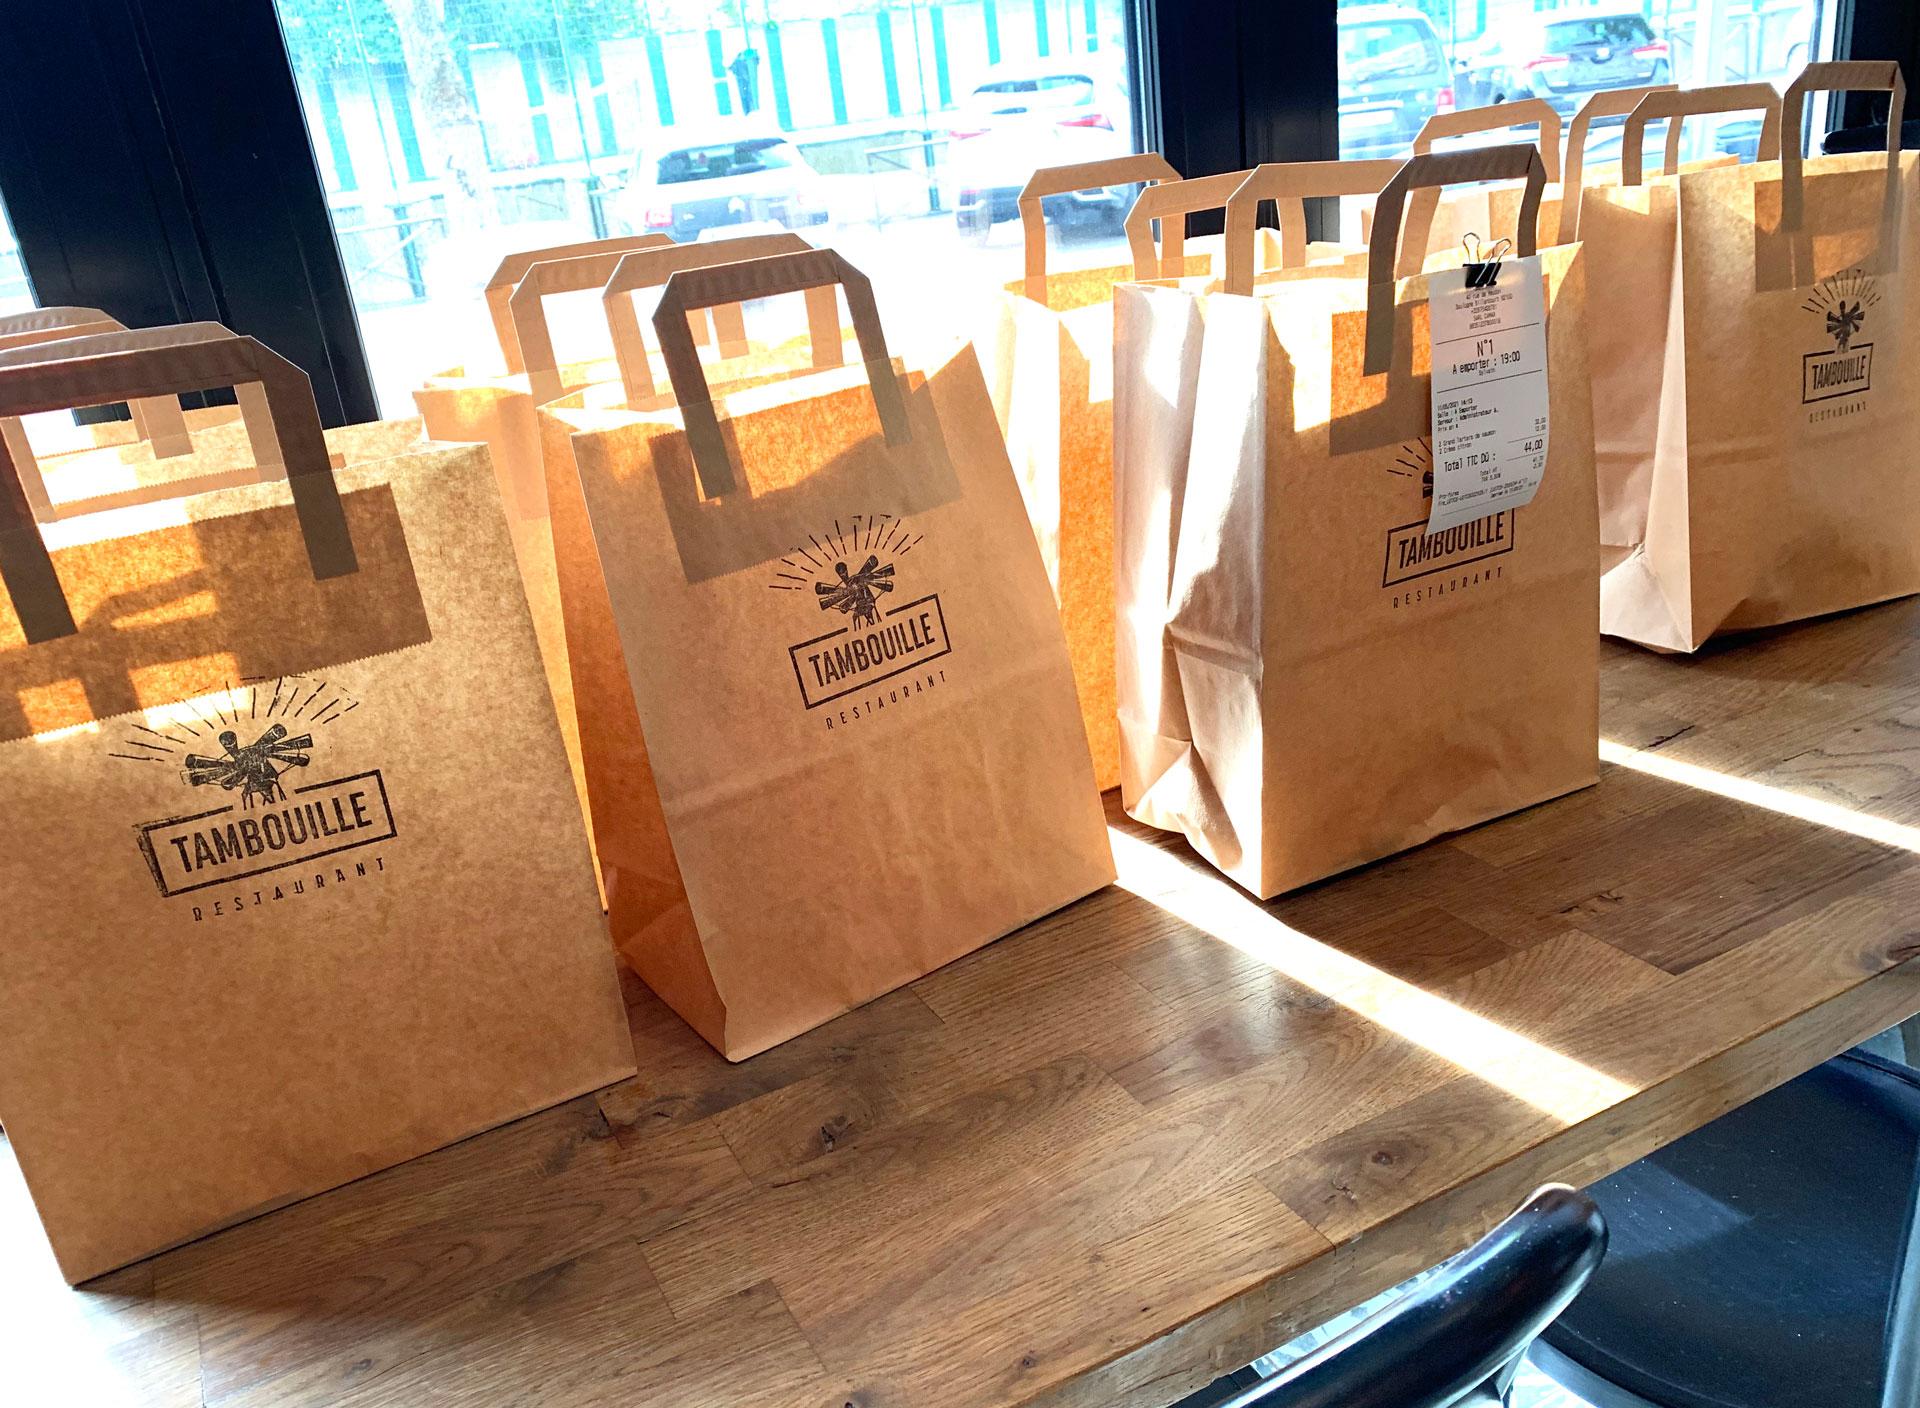 Tampon de marquage de sac de livraison Tambouille Restaurant